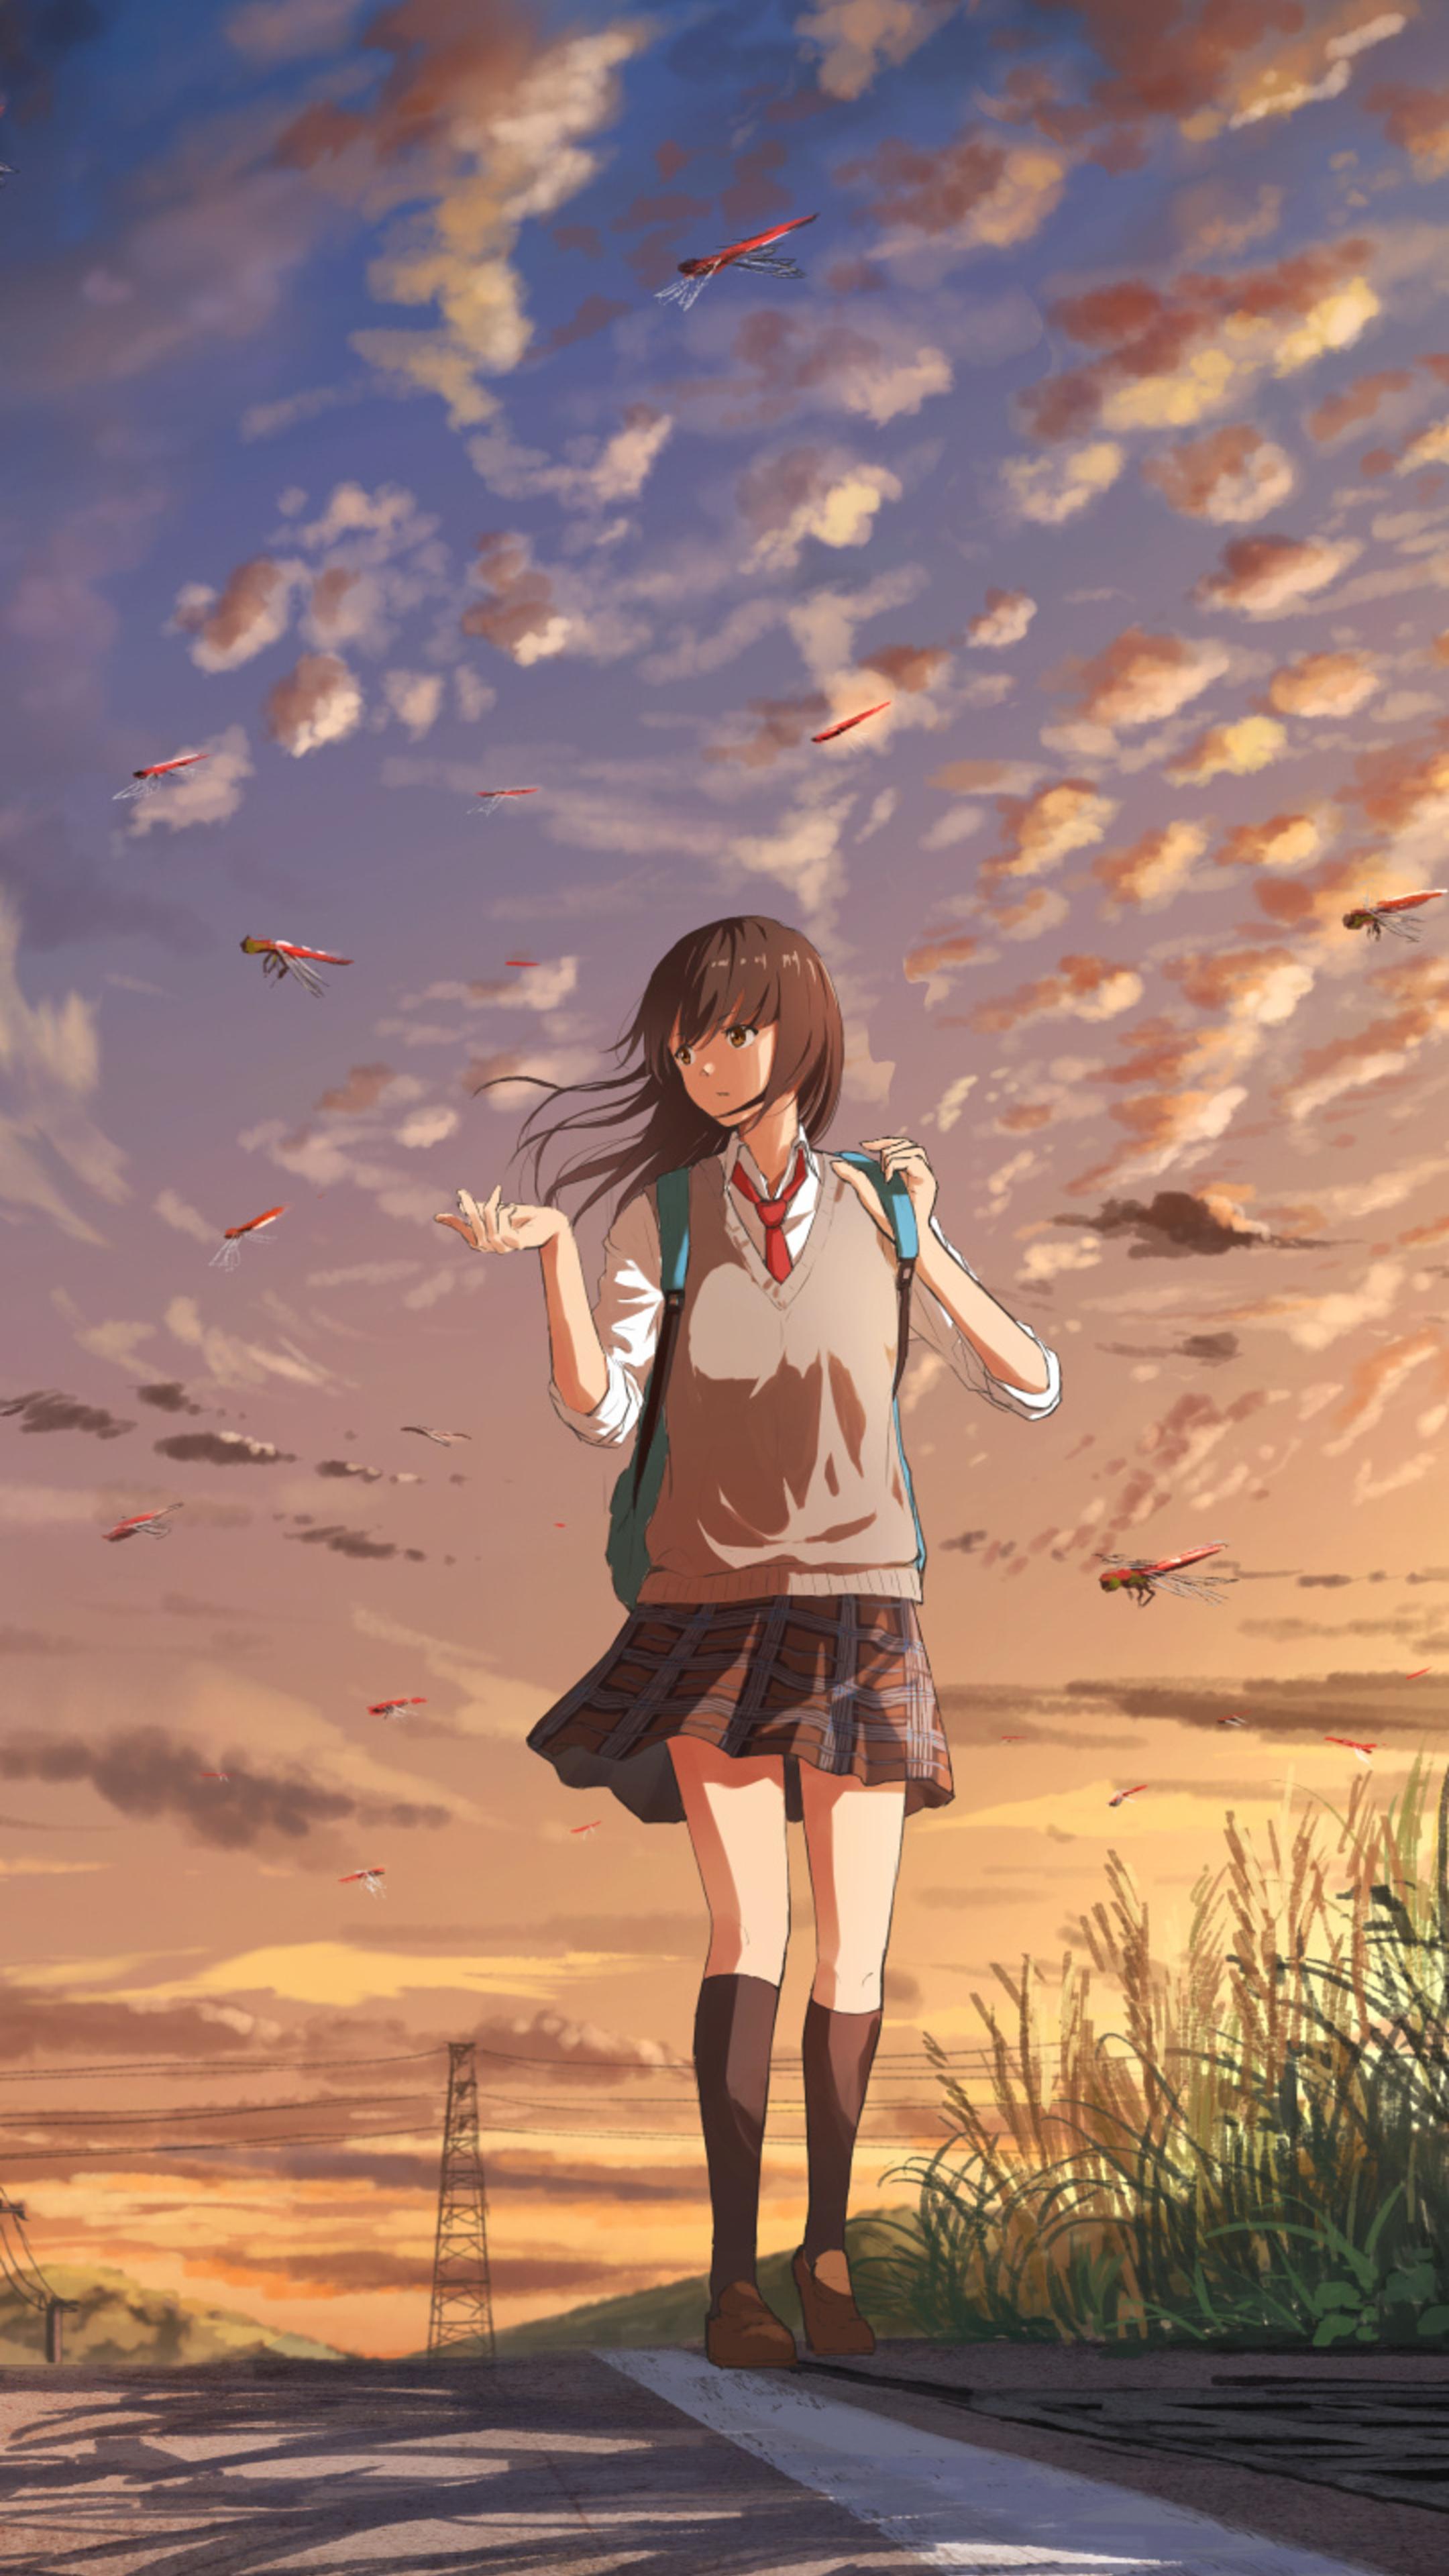 2160x3840 anime girl going to school sony xperia x xz z5 - Art wallpaper 2160x3840 ...